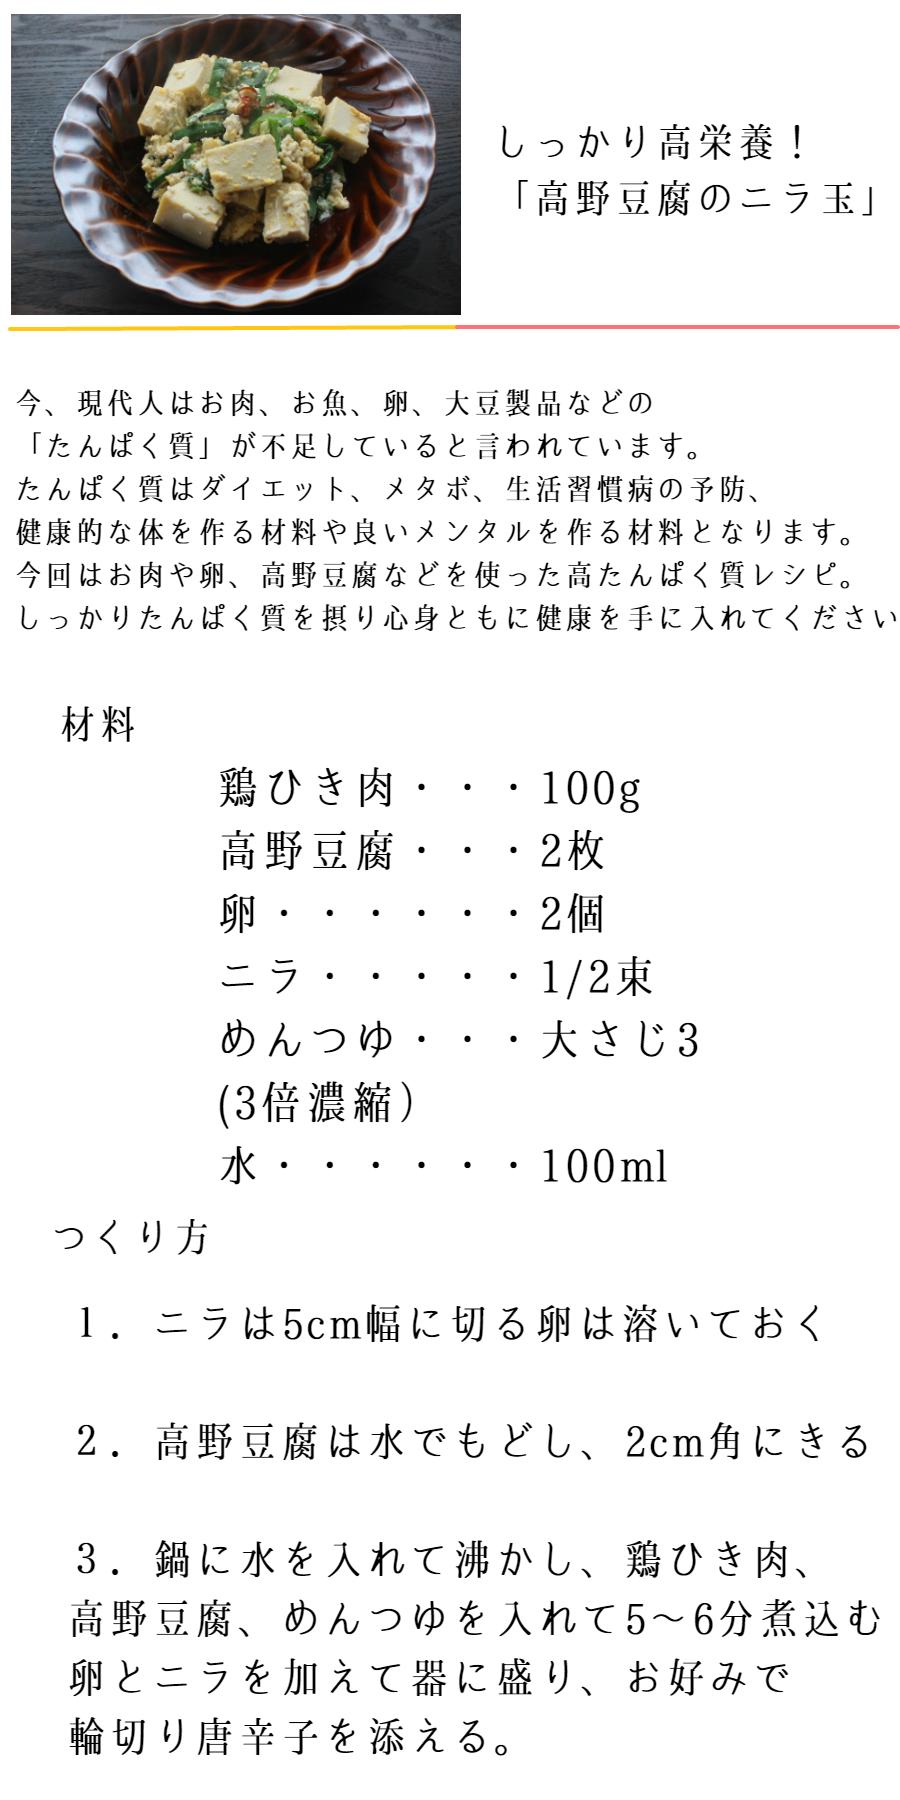 001recipes01